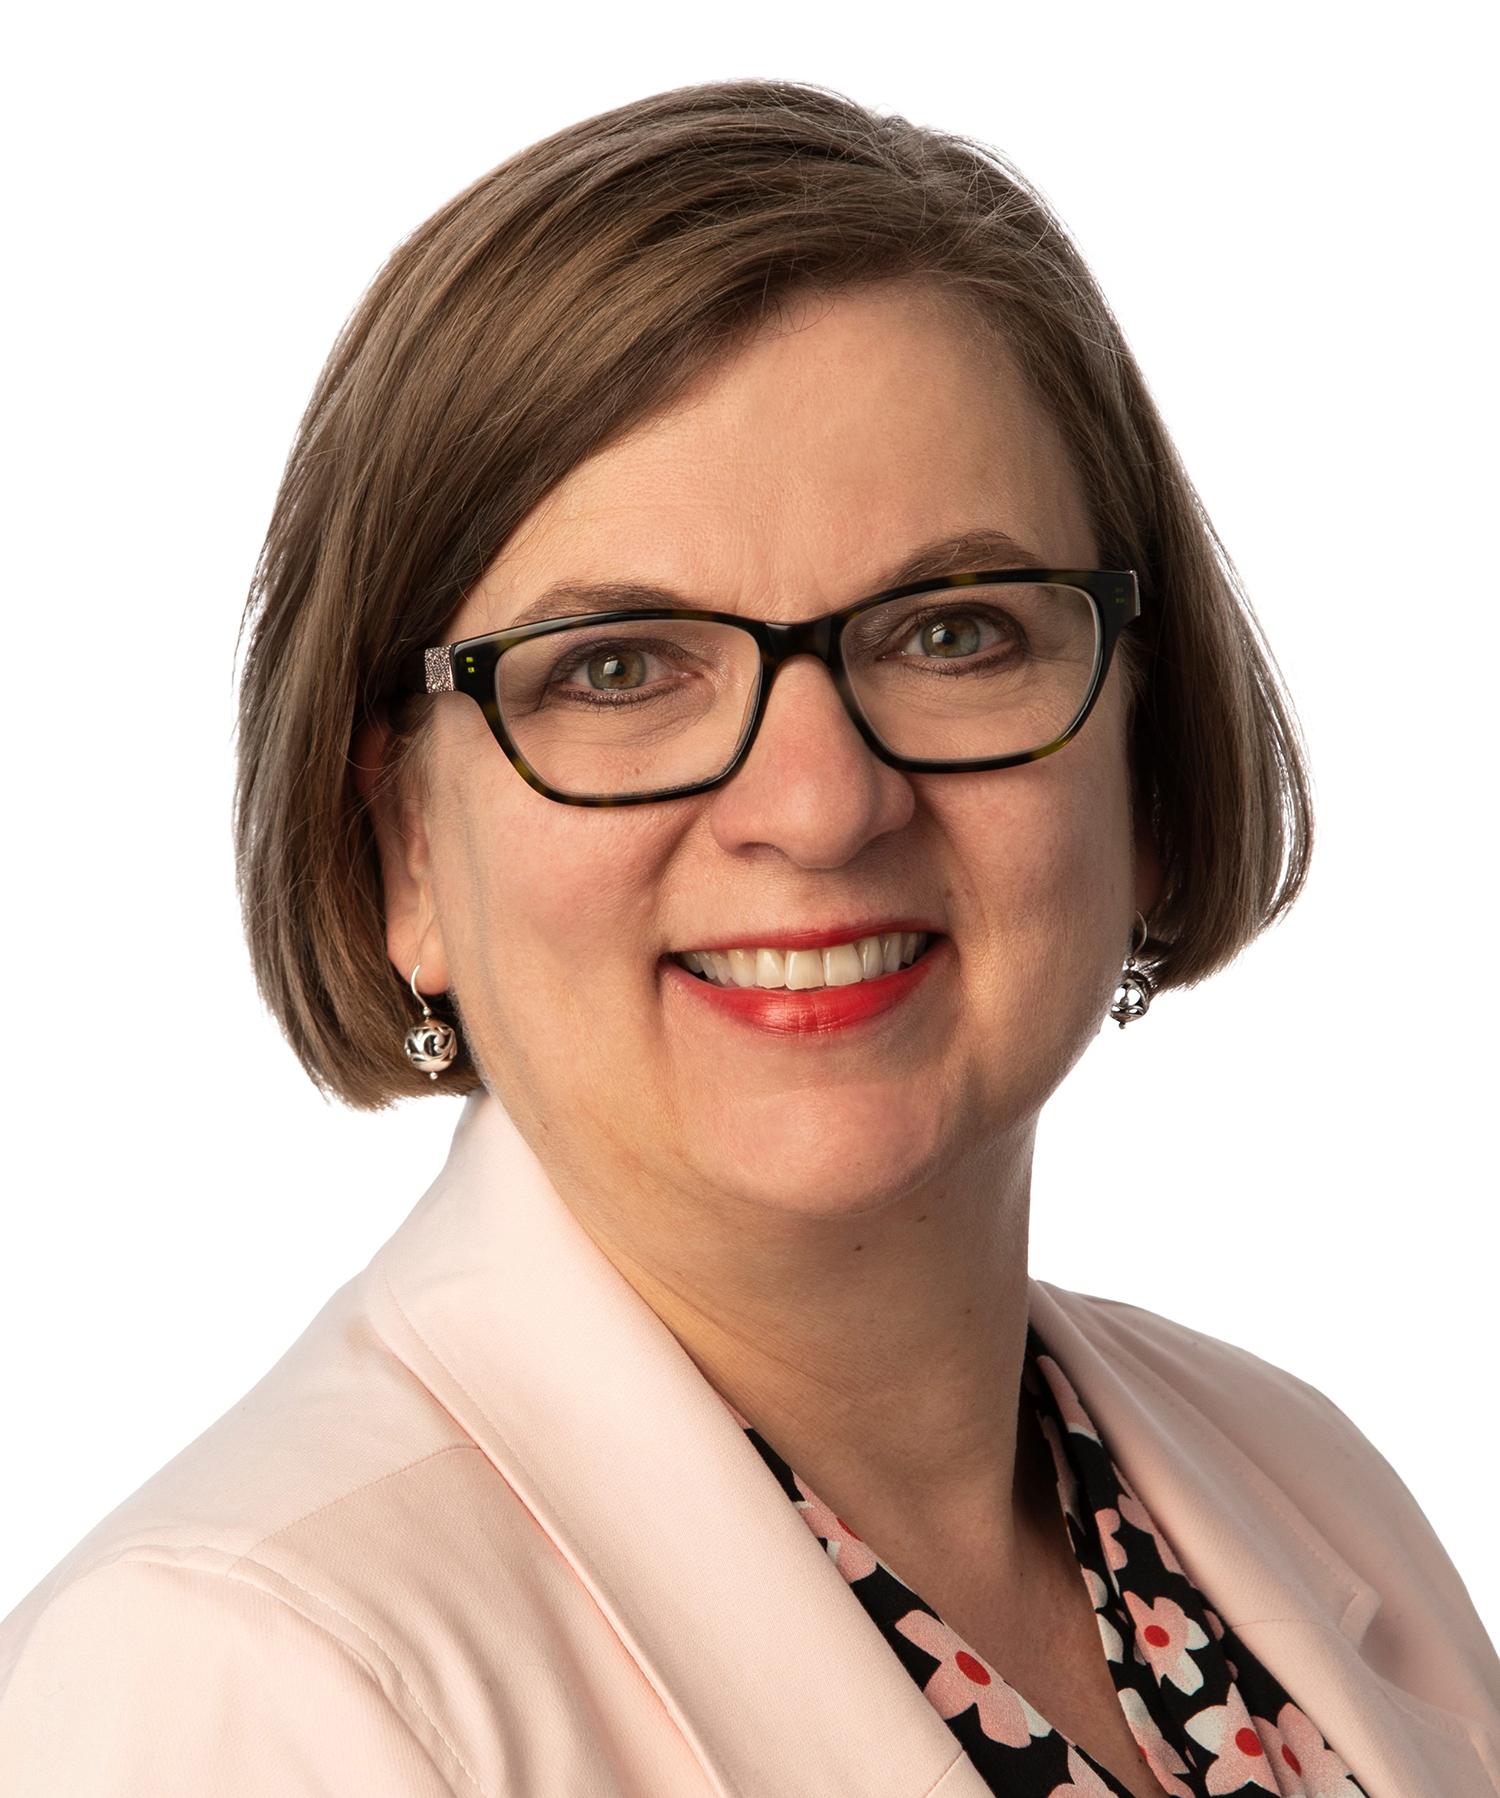 Leah M. Tolton